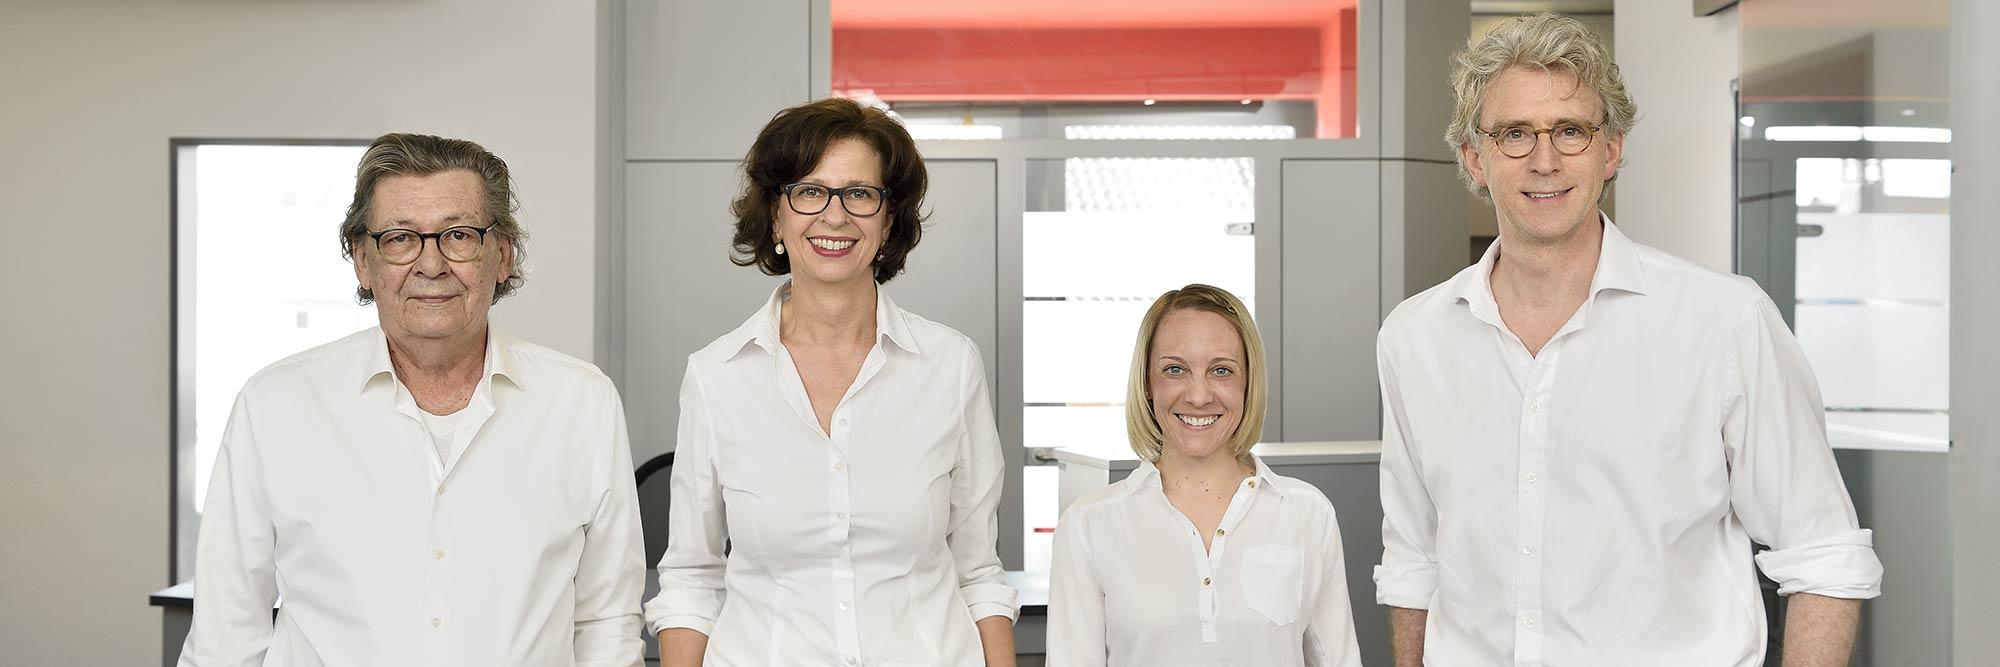 Das Ärzte-Team der Praxis für Allgemeinmedizin in Hemmingen Ortsteil Arnum bei Hannover